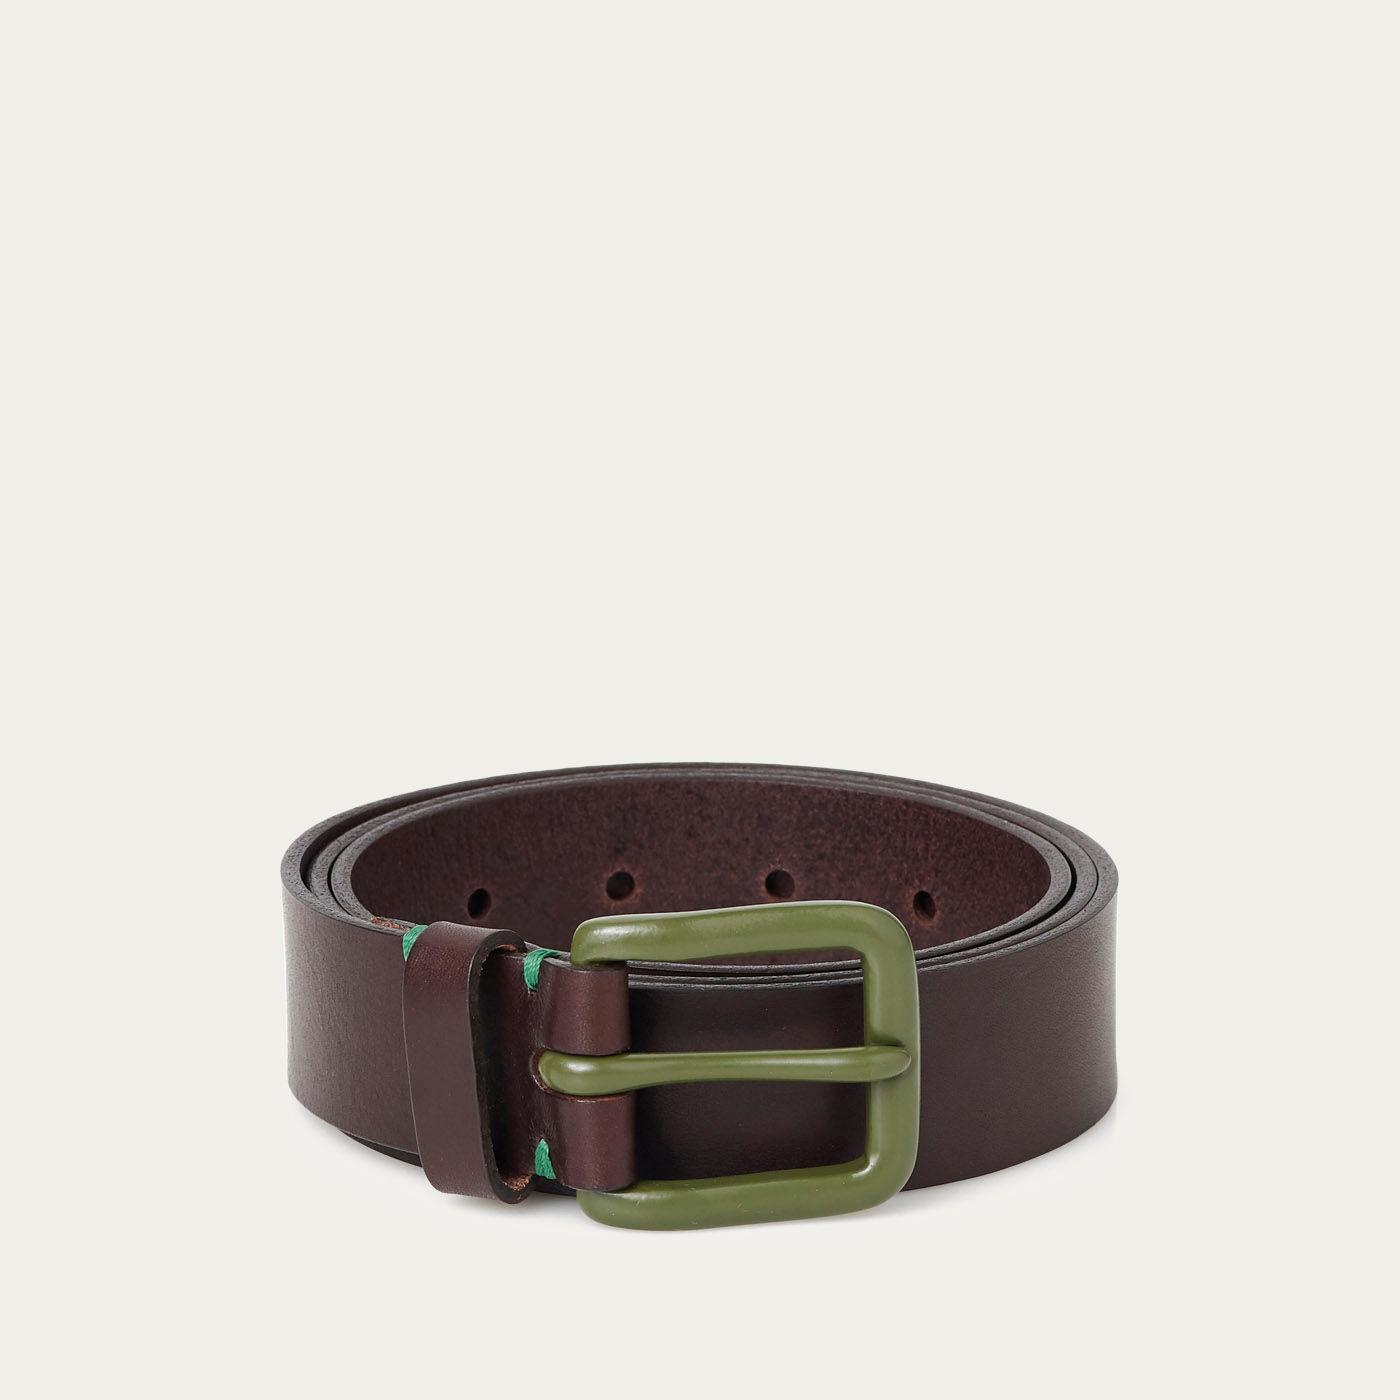 Walnut Brown/Olive Modernist Belt  0